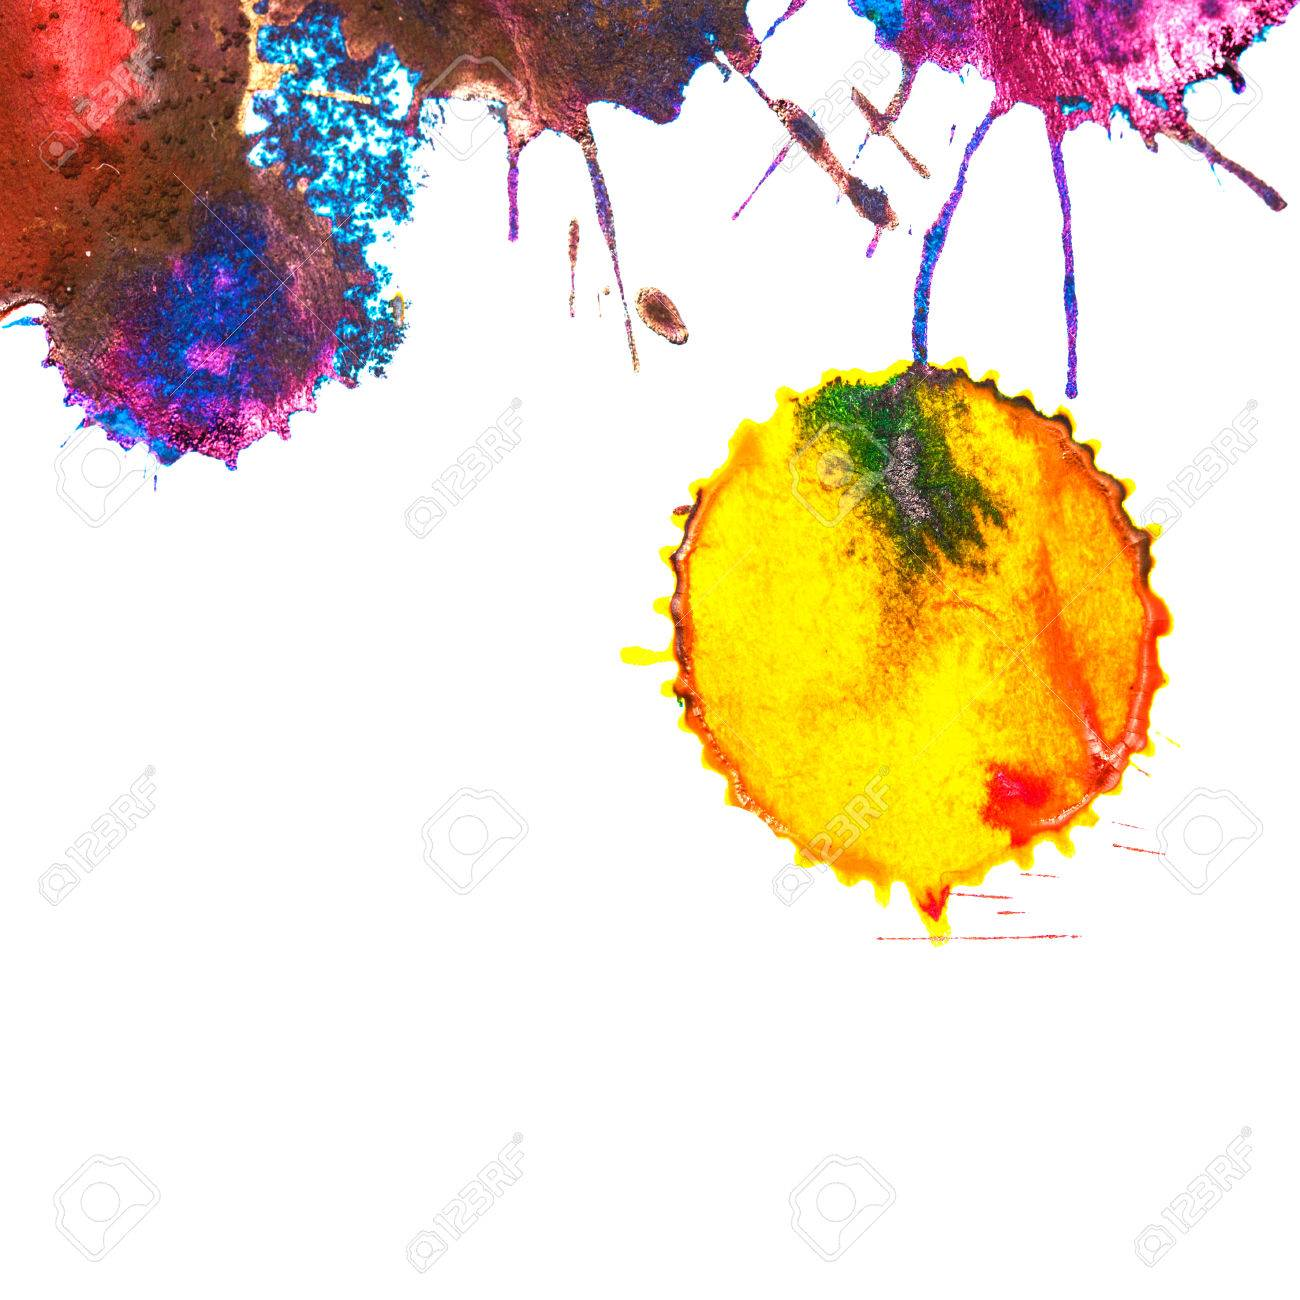 949a7de659e Banque d images - Jaune encre couleur arc-en-tache sur un fond blanc.  Éléments de conception graphique. résumé Art.